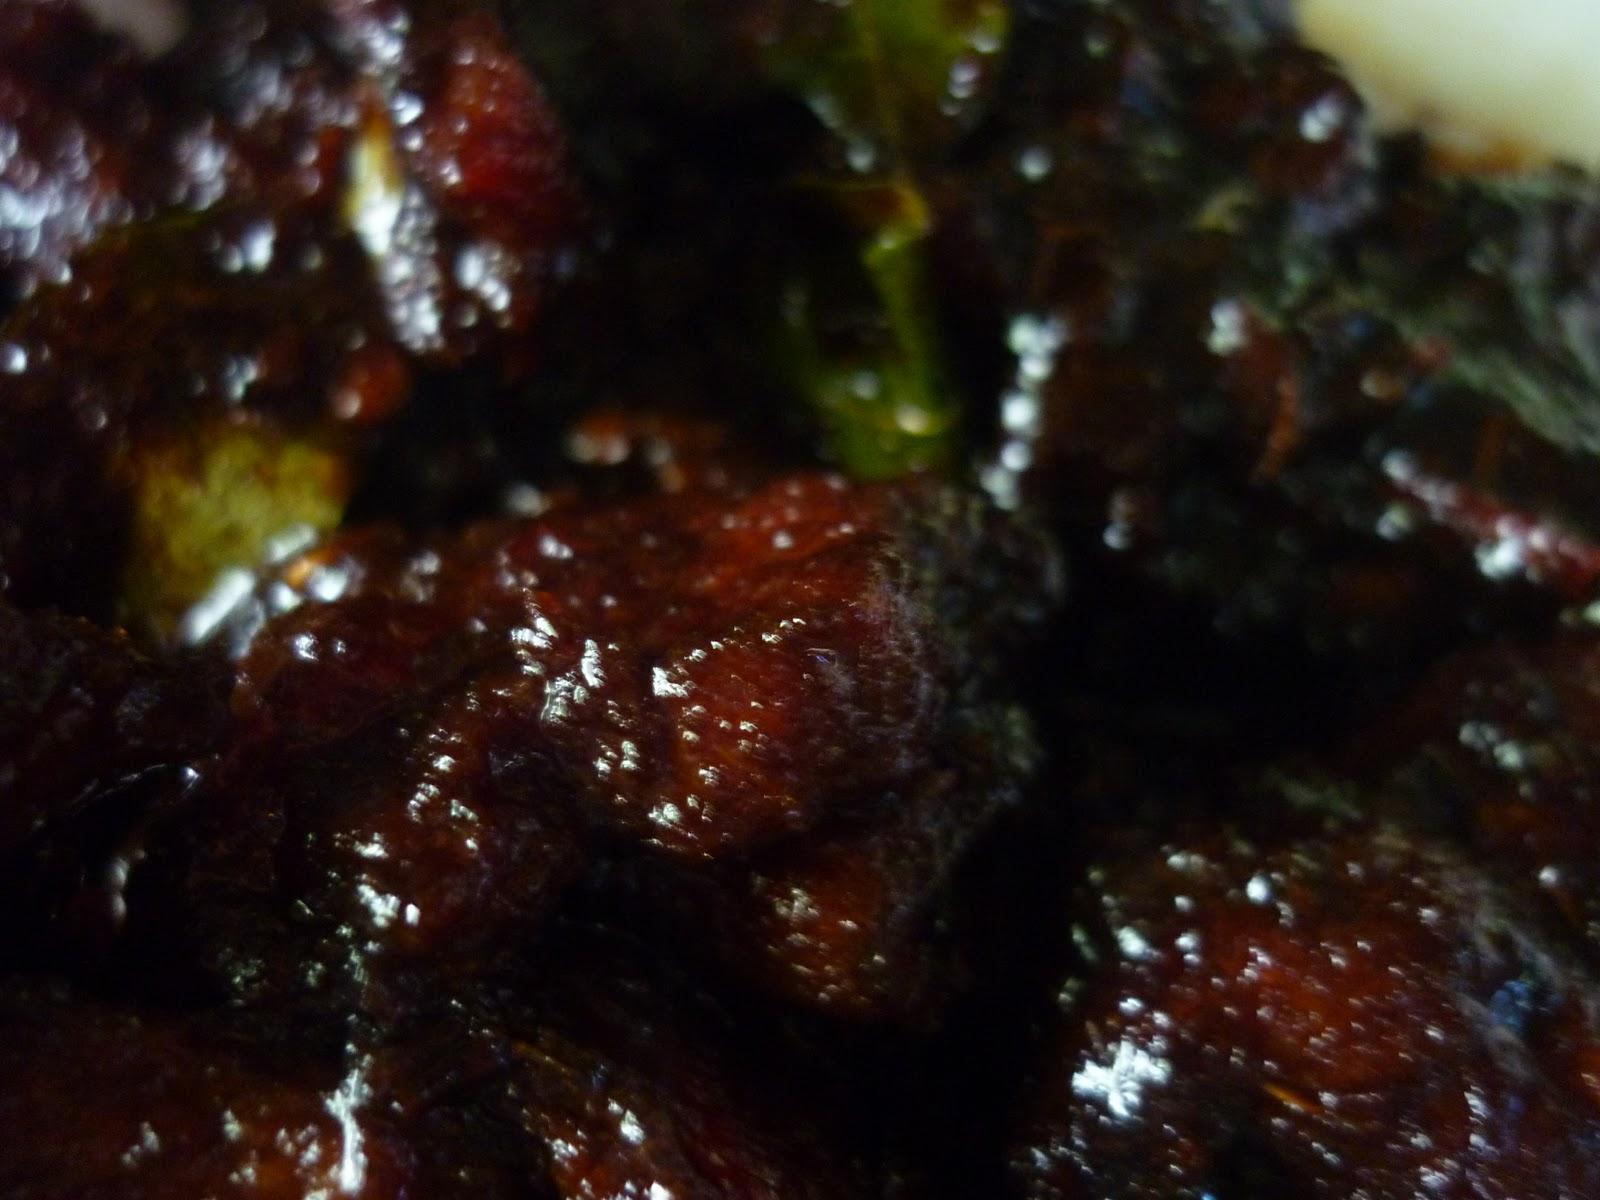 Resepi Daging Masak Kicap Periuk Noxxa Copd Blog W